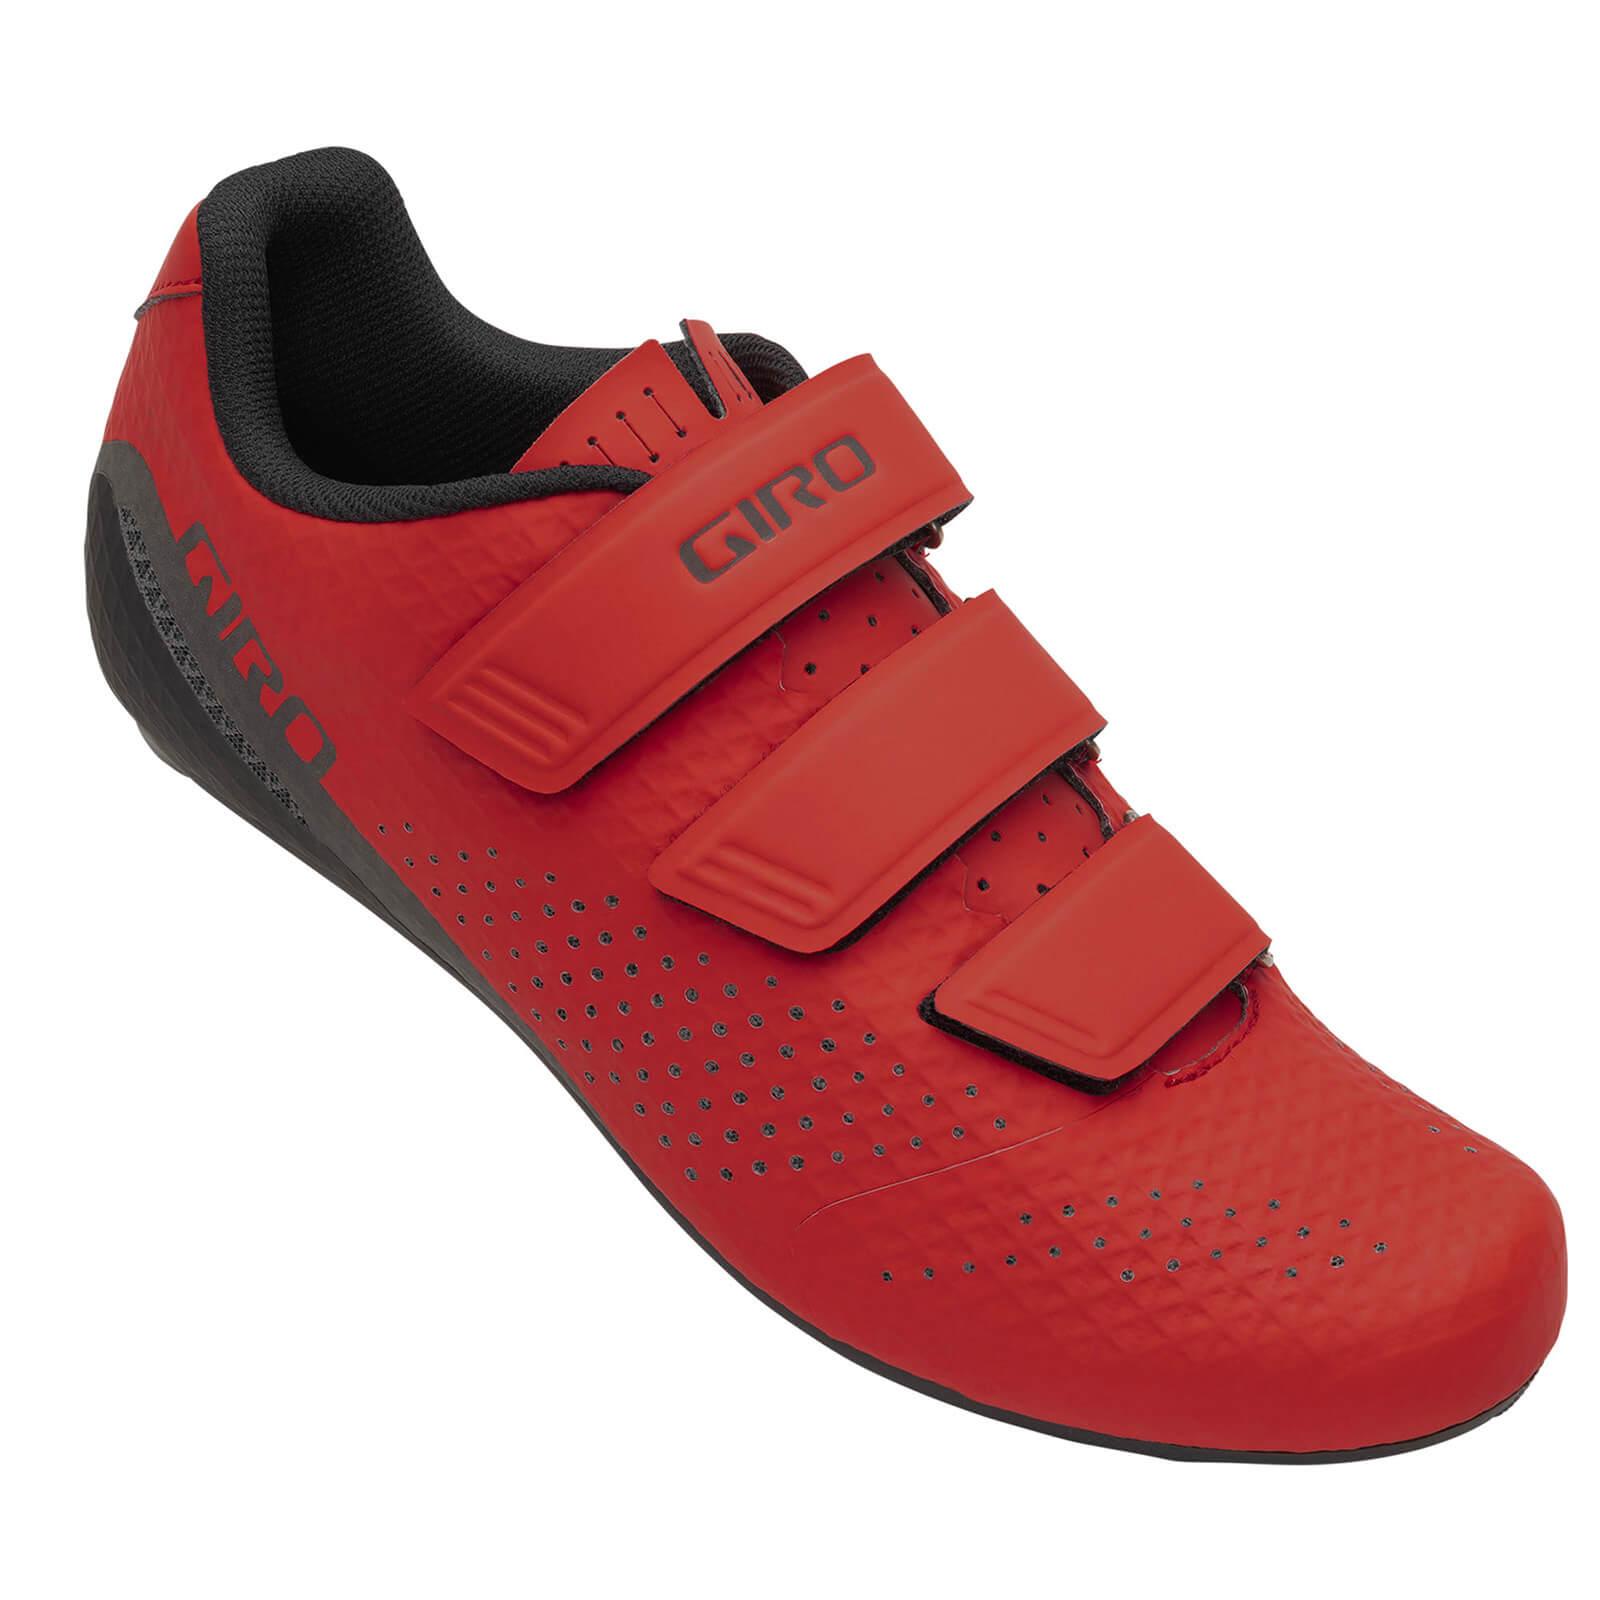 Giro Stylus Road Shoe - EU 44 - Red